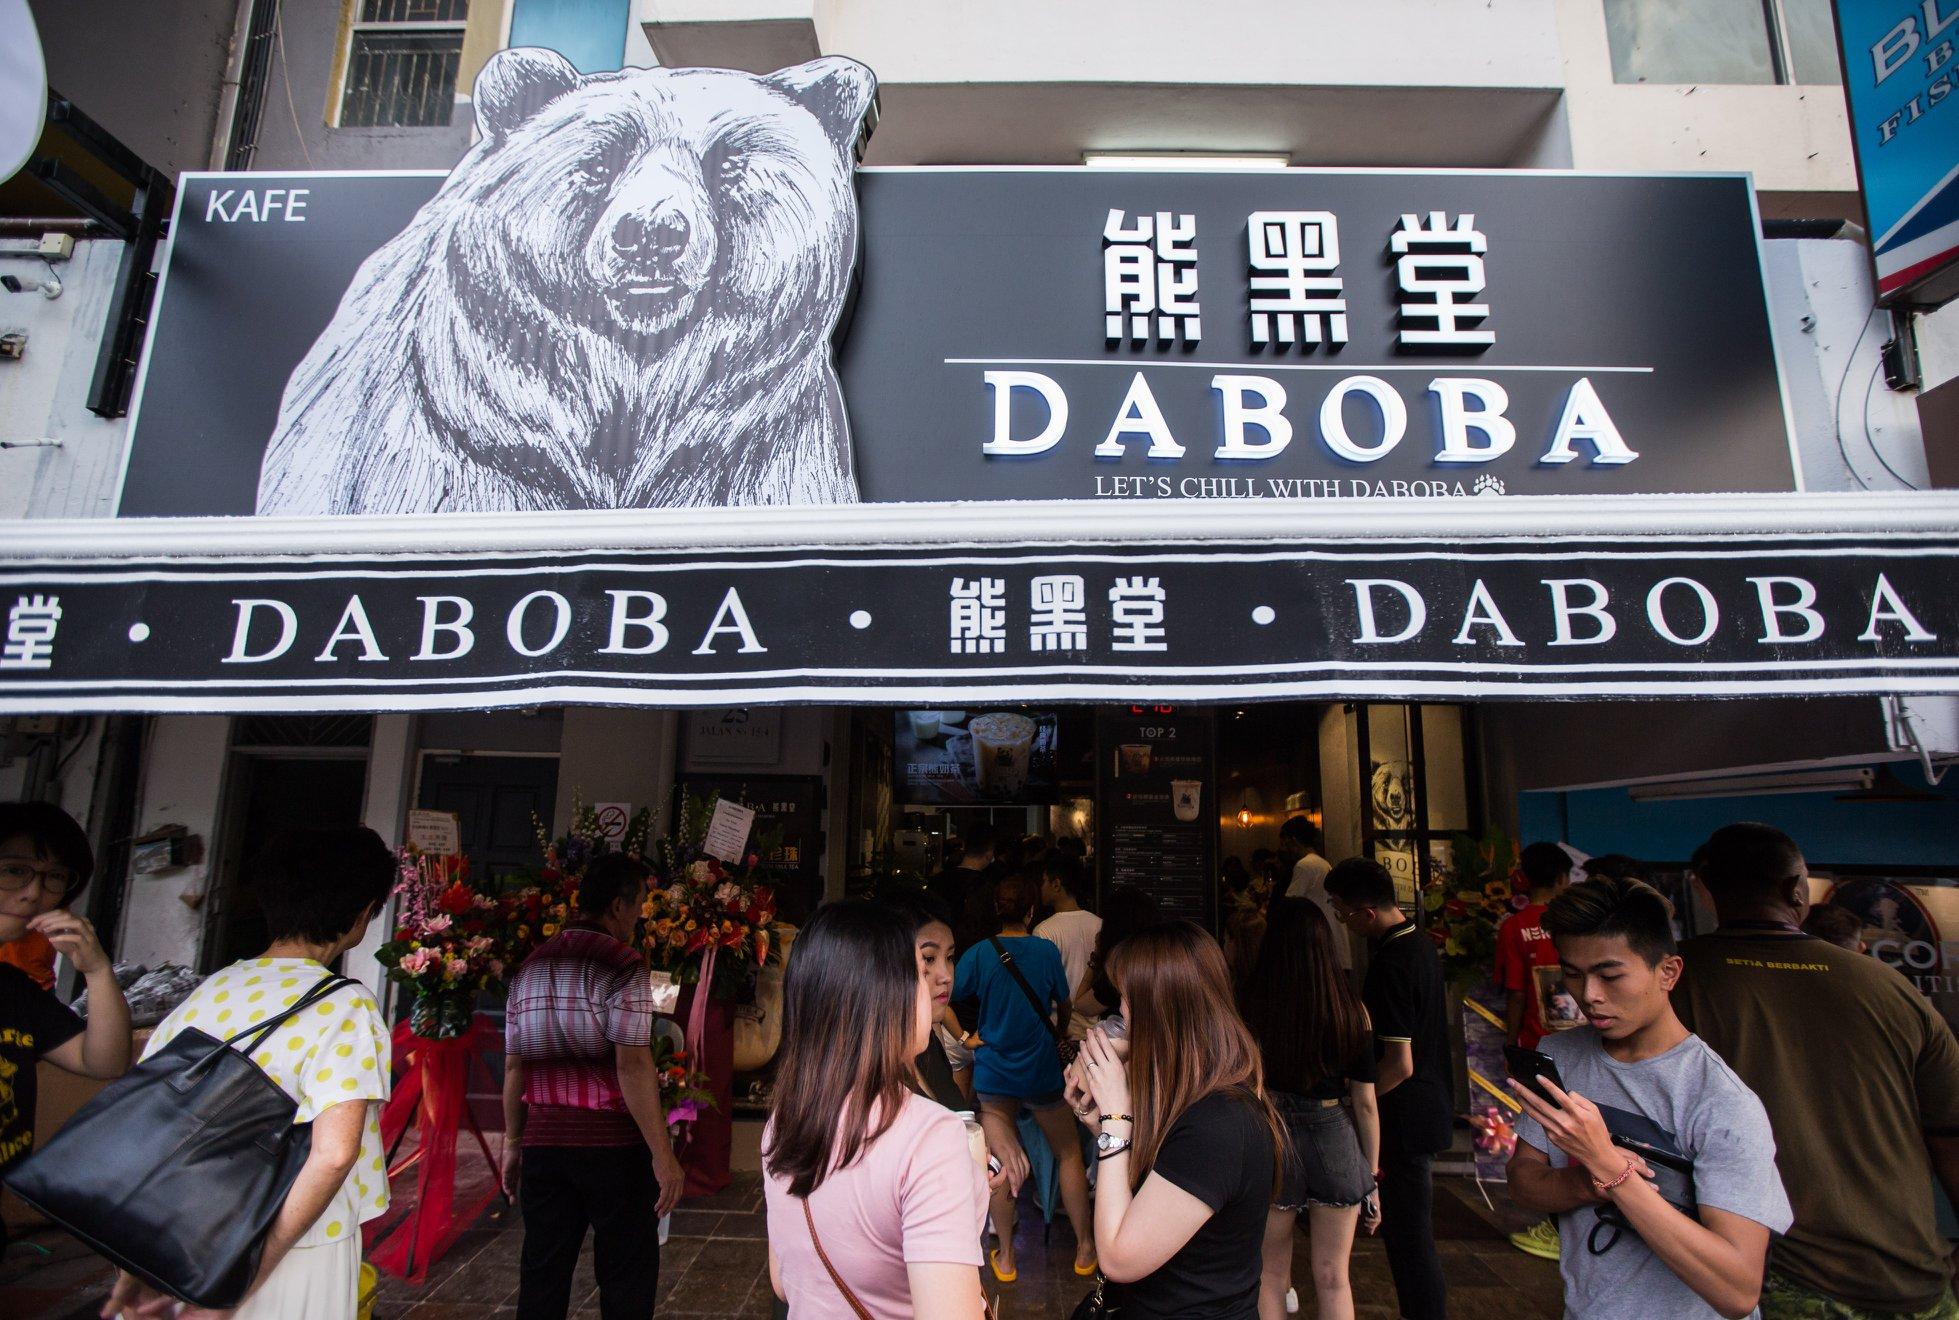 Daboba opening in Skudai, johor